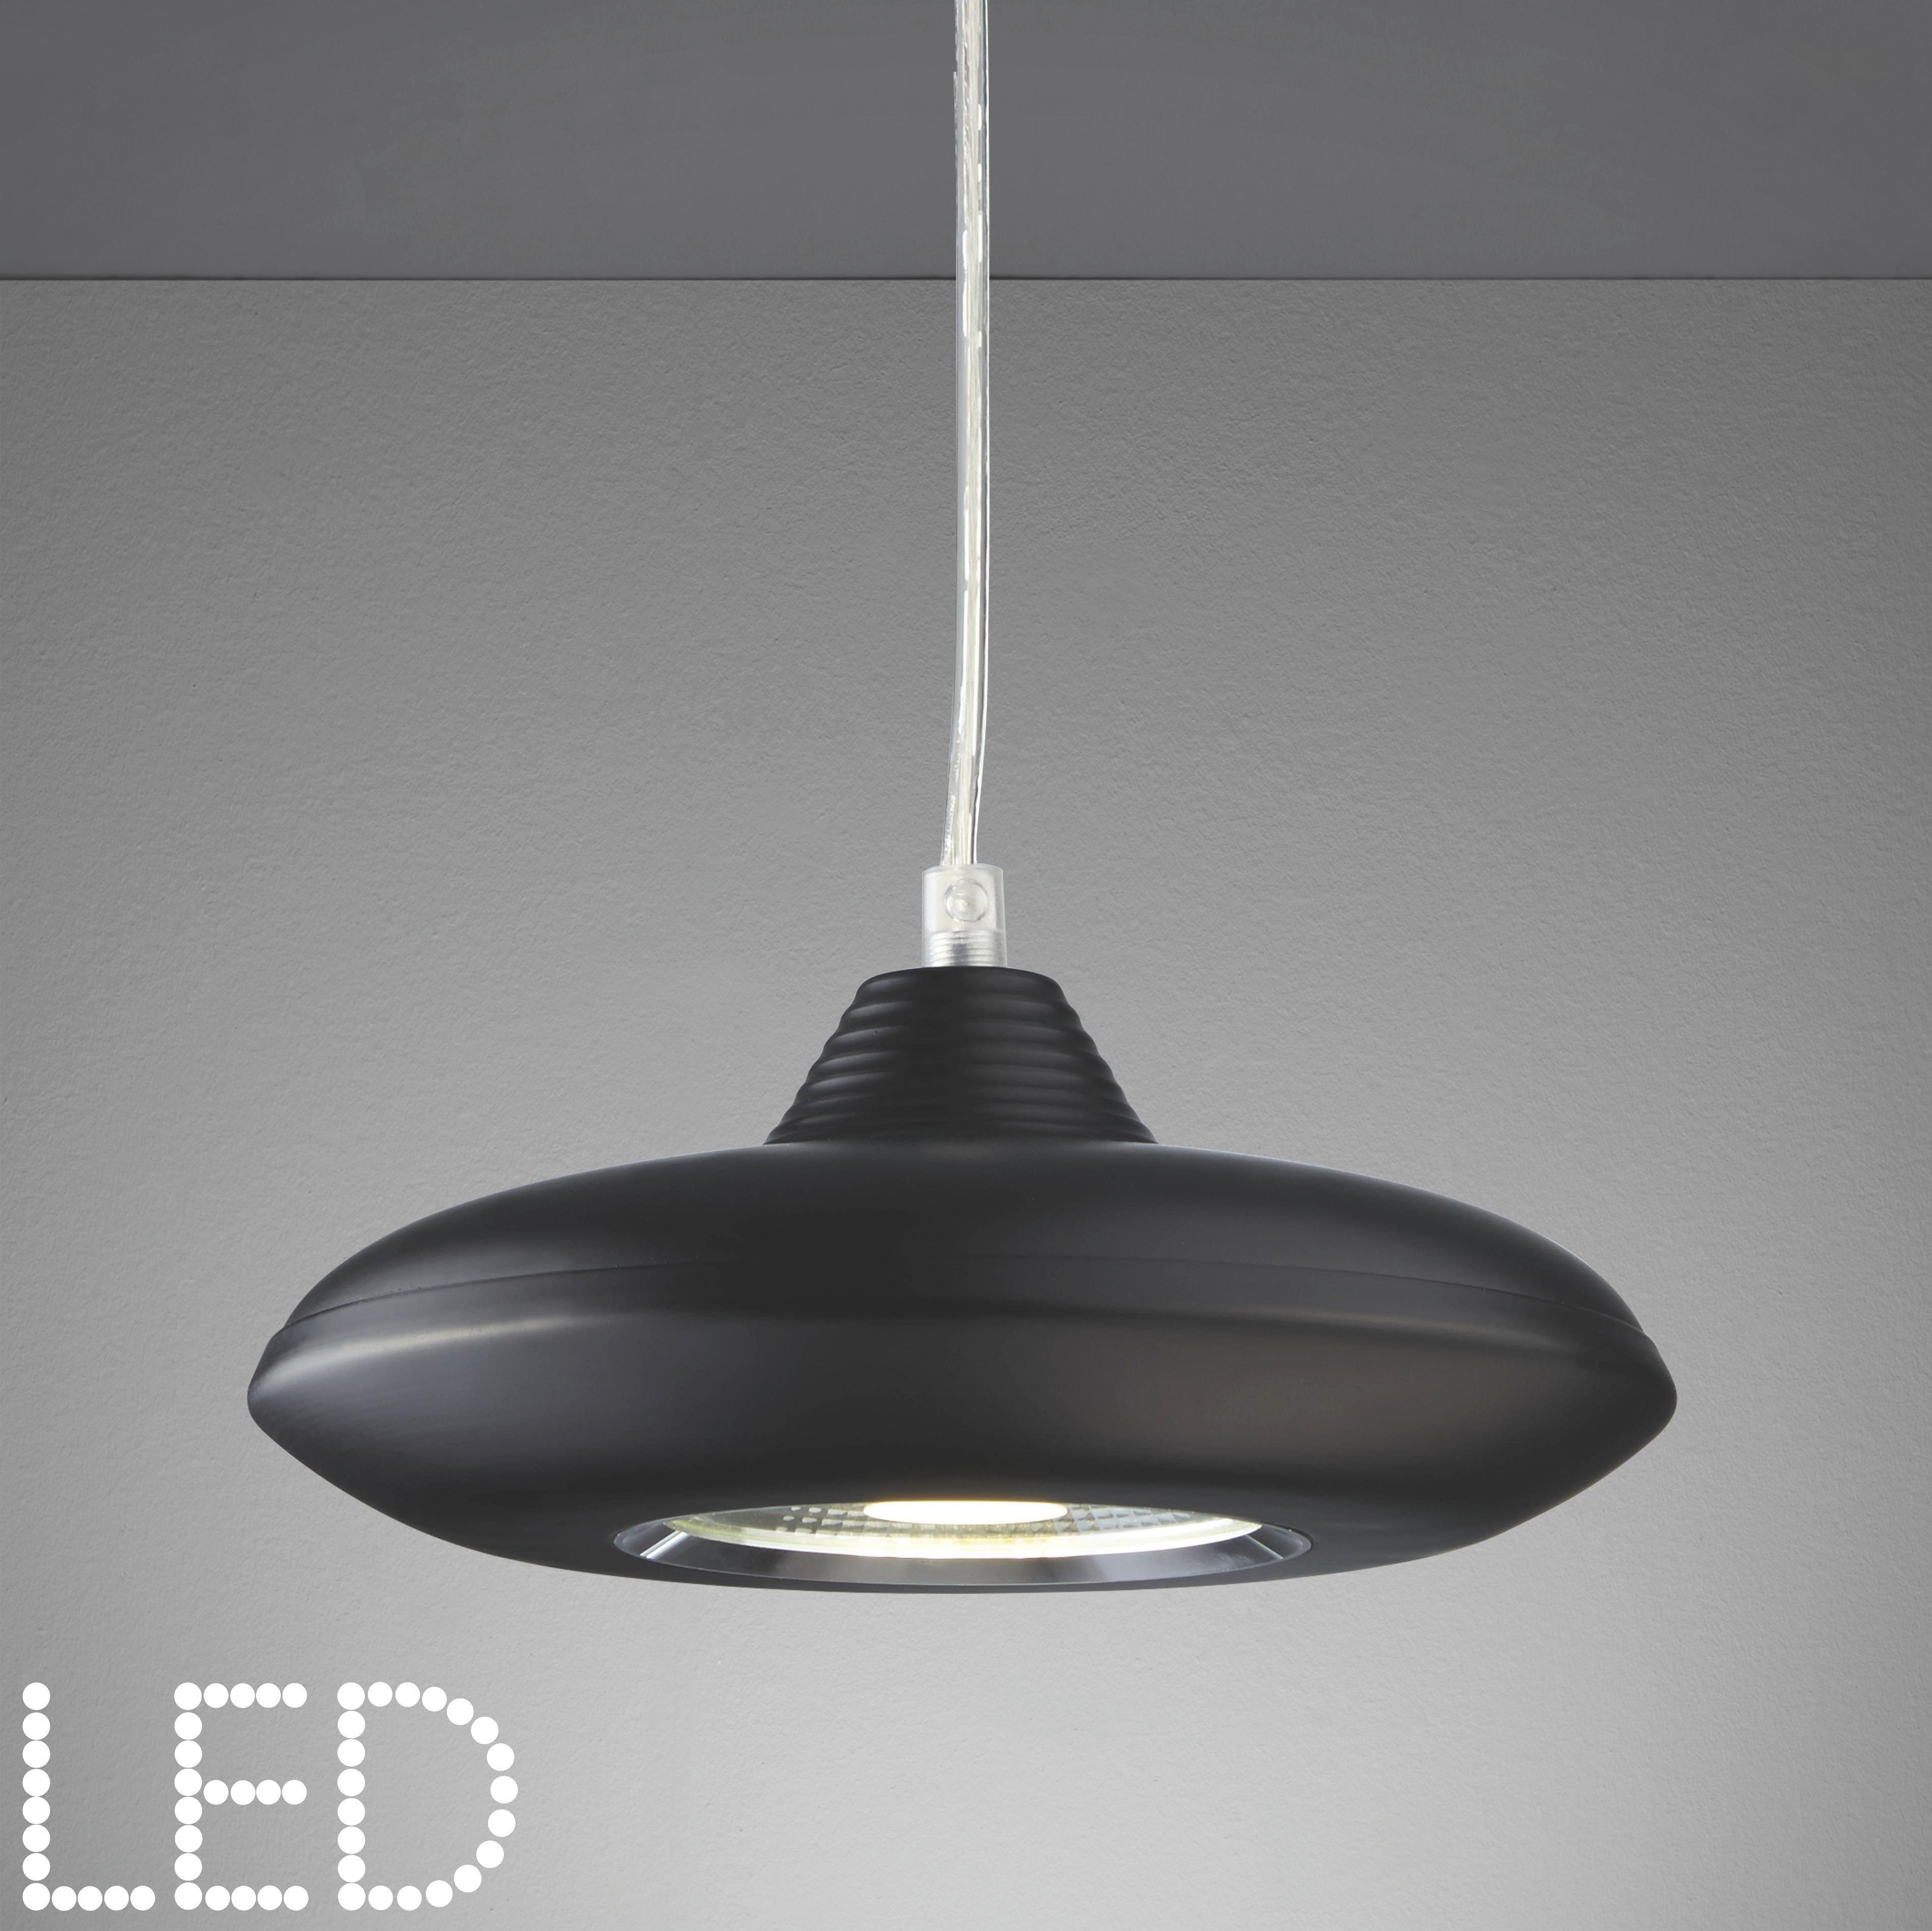 LED-Hängeleuchte Leah - Schwarz, MODERN, Glas/Kunststoff (21/21/180cm) - MÖMAX modern living